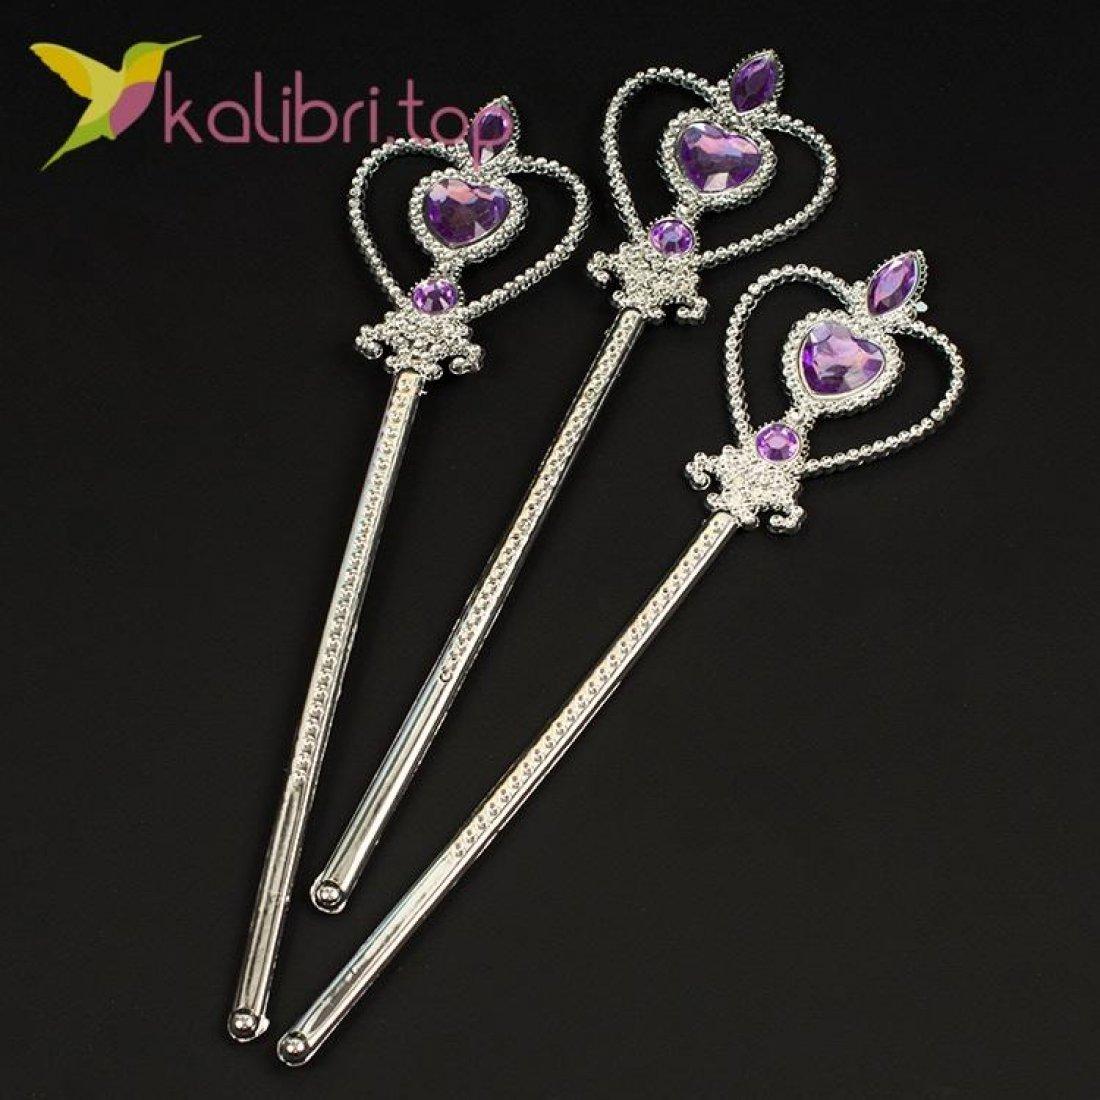 Волшебная палочка Сердечко фиолетовый, оптом фото 1